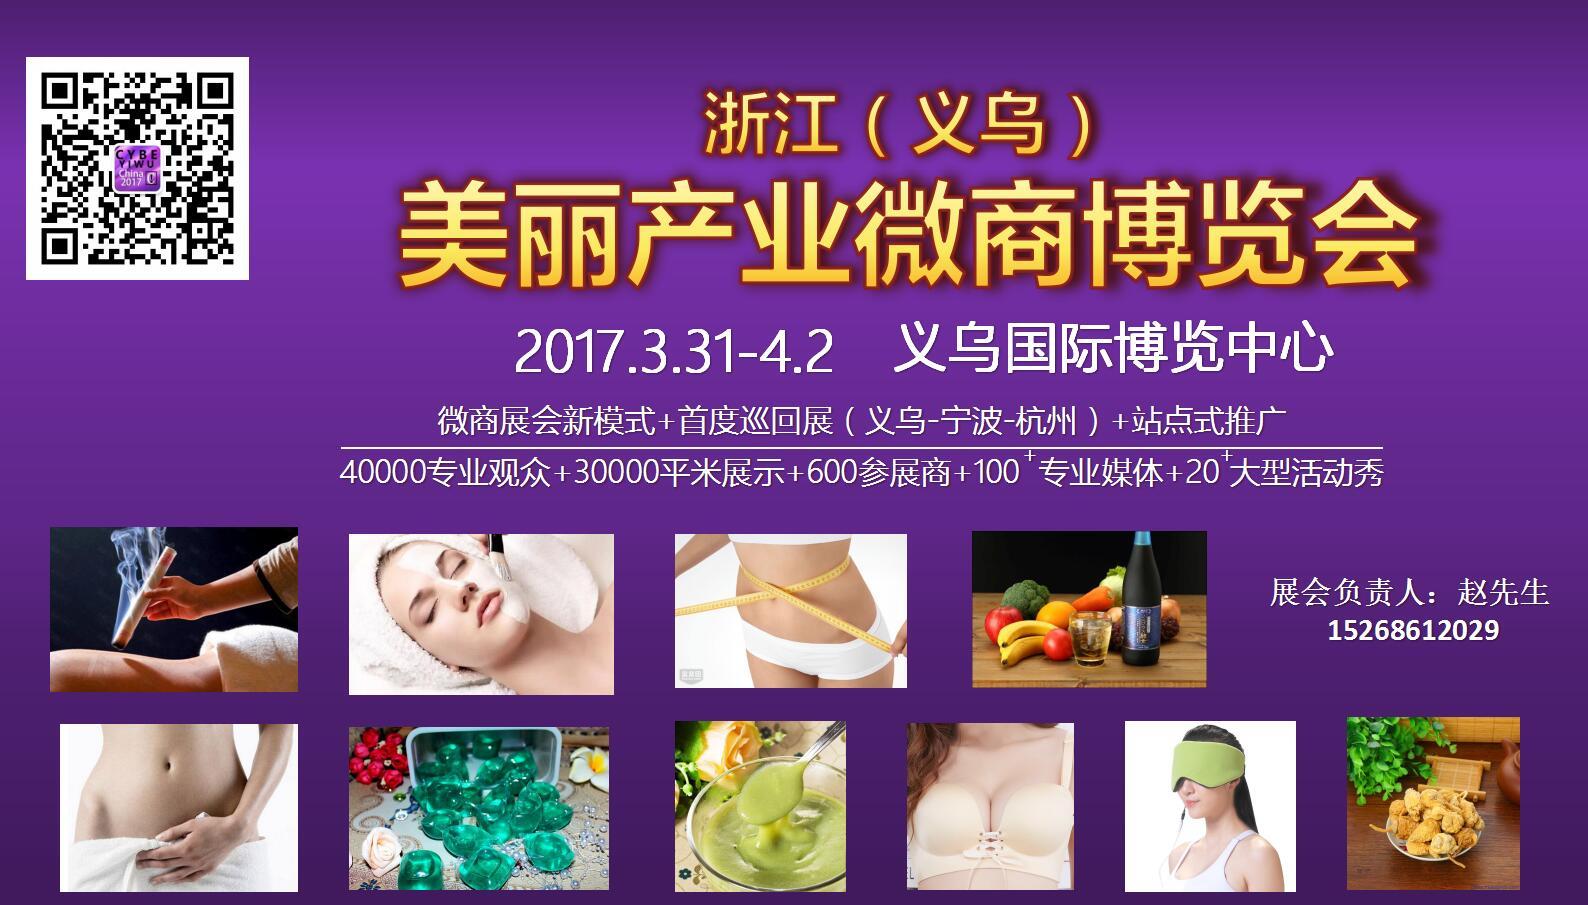 浙江(义乌)美丽产业微商博览会